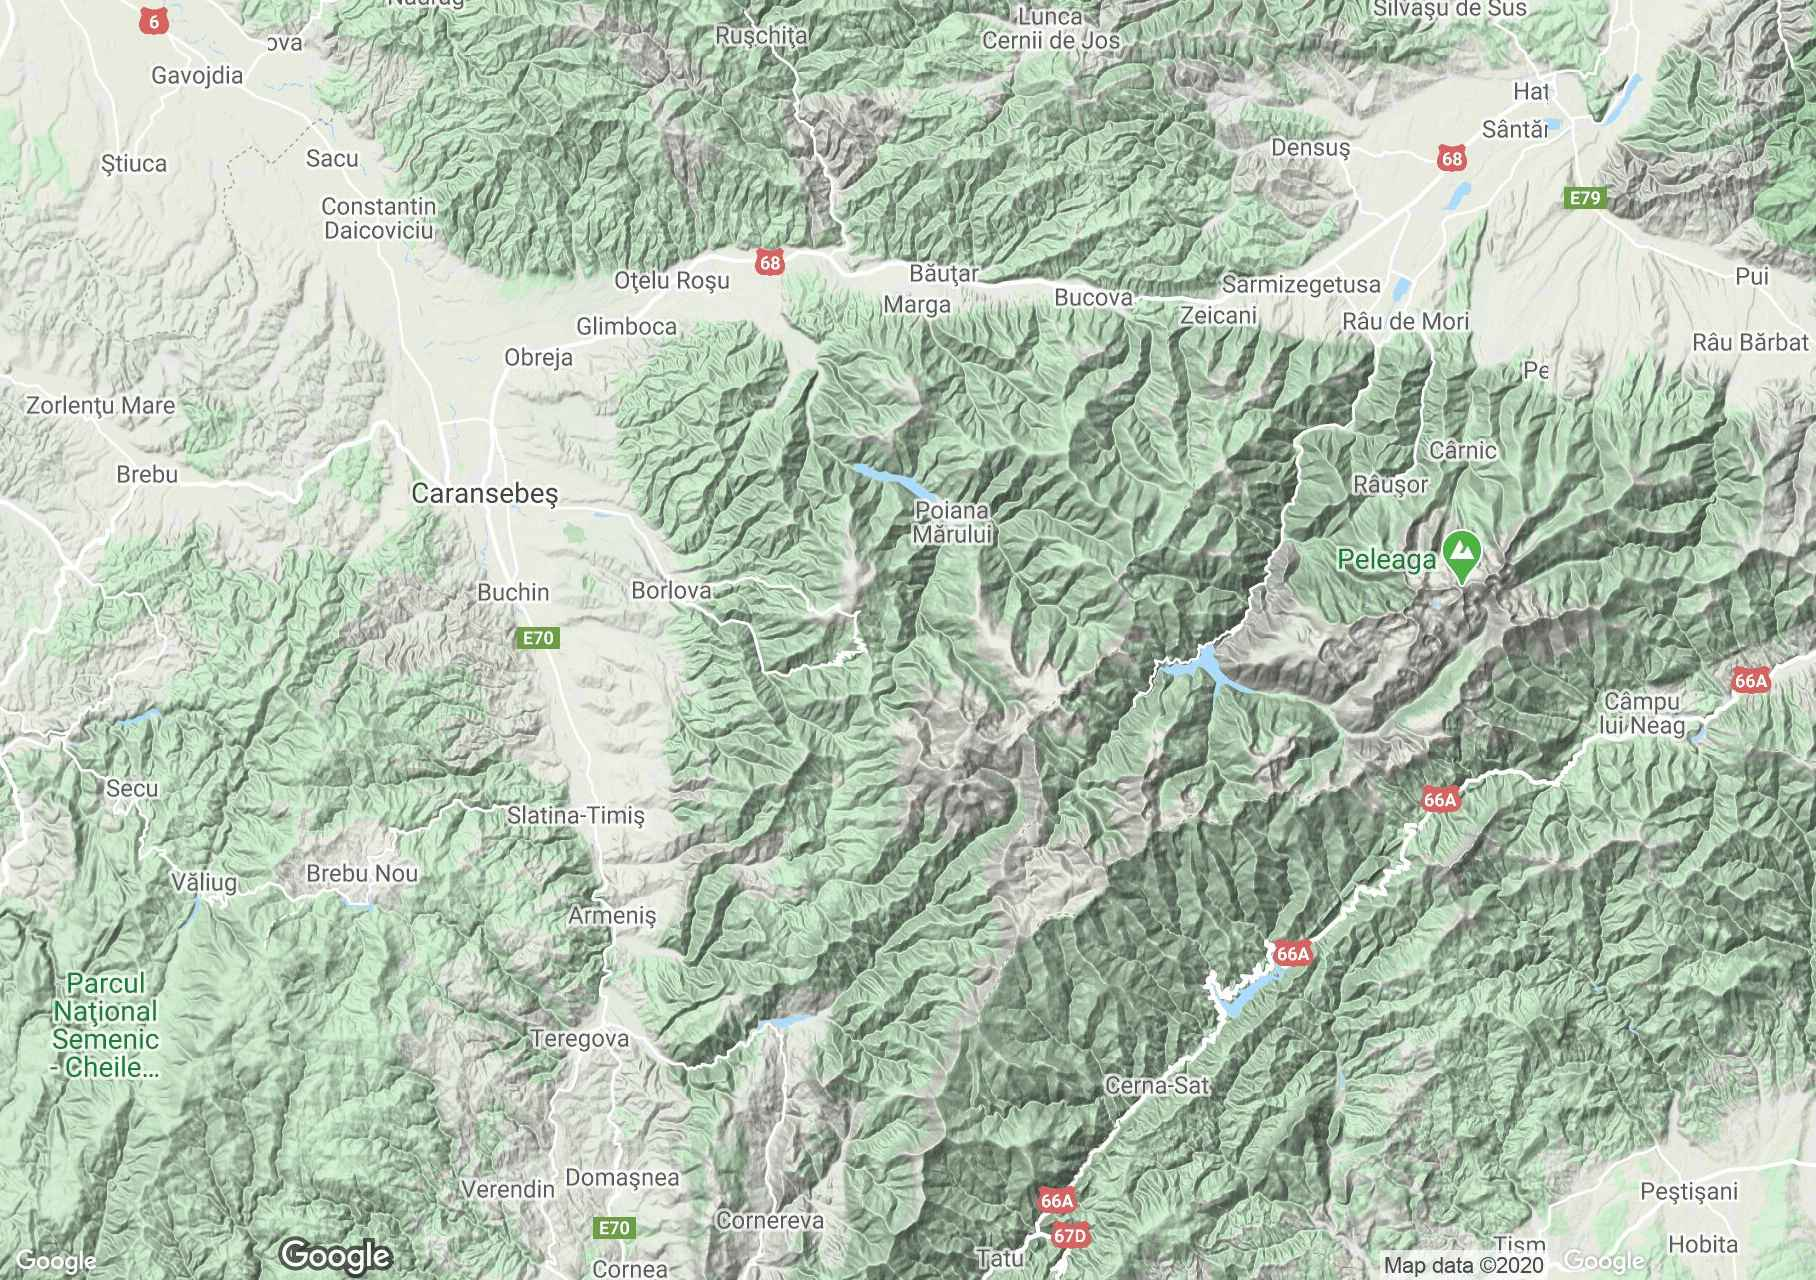 Munţii Ţarcu, Harta turistică interactivă